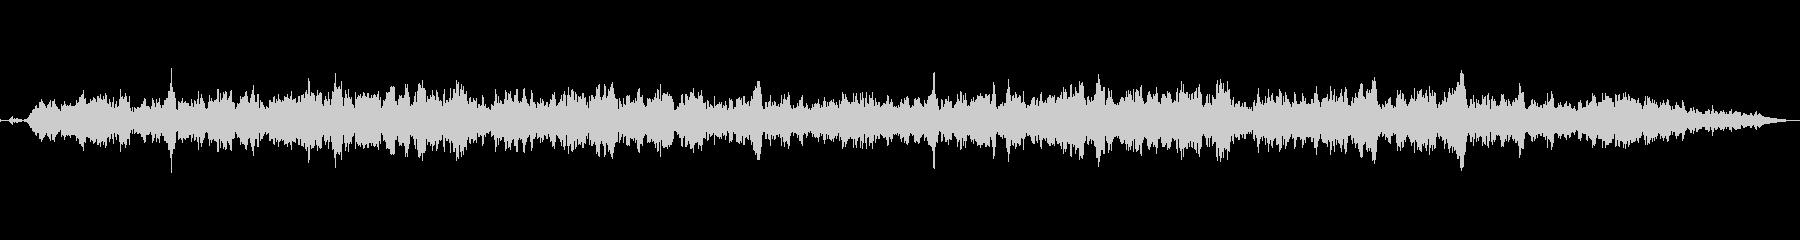 アヴェマリア・鳥の声とヒーリング曲2の未再生の波形